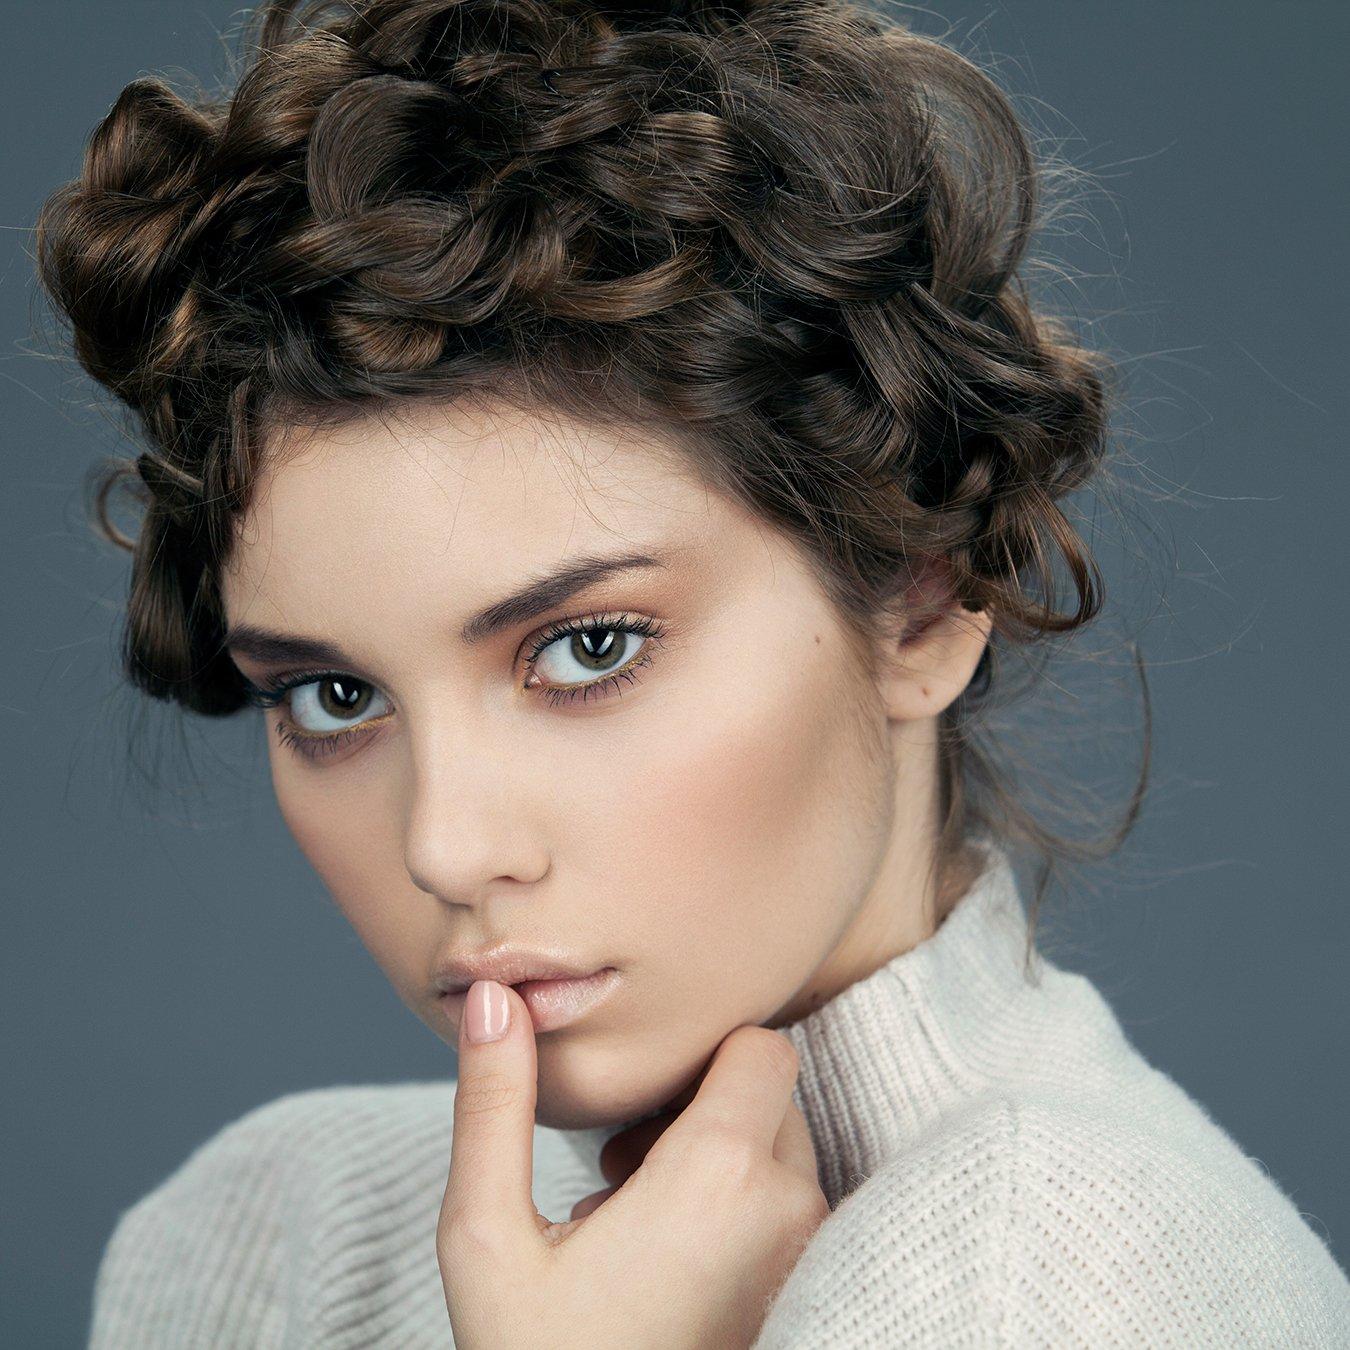 девушка, портрет, взгляд, бьюти, модель, глаза, блики, кудри, Сотников Иван